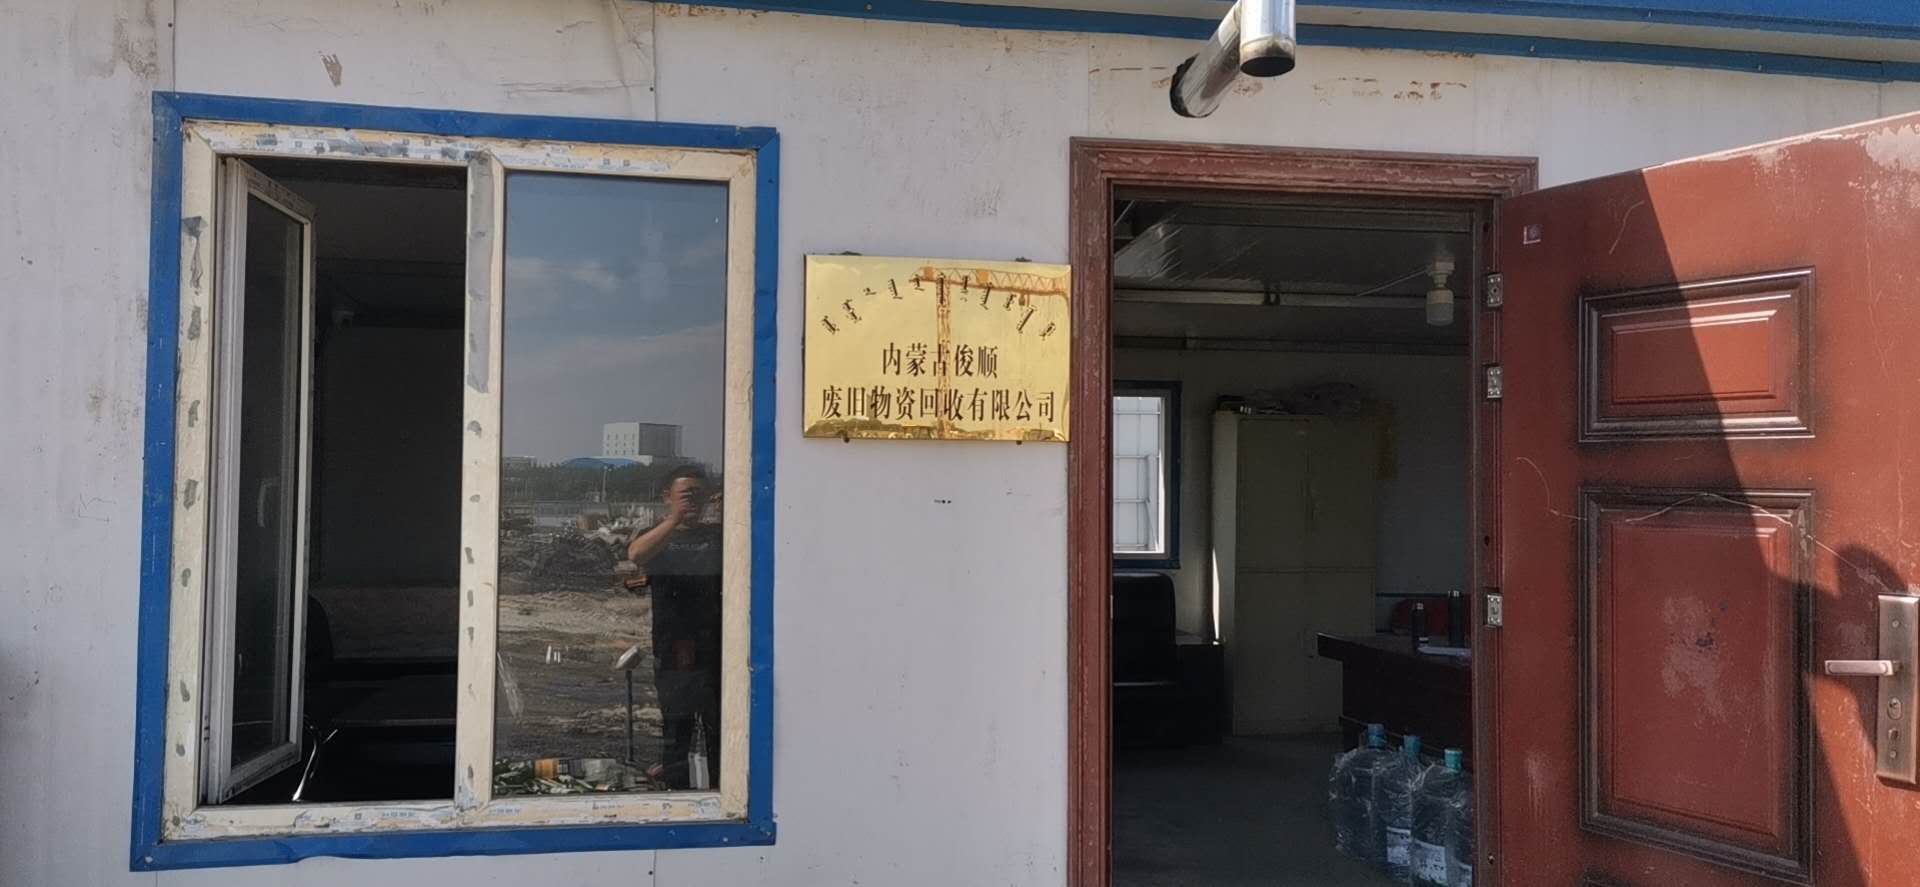 内蒙古废旧物资必威体育betway360环境照